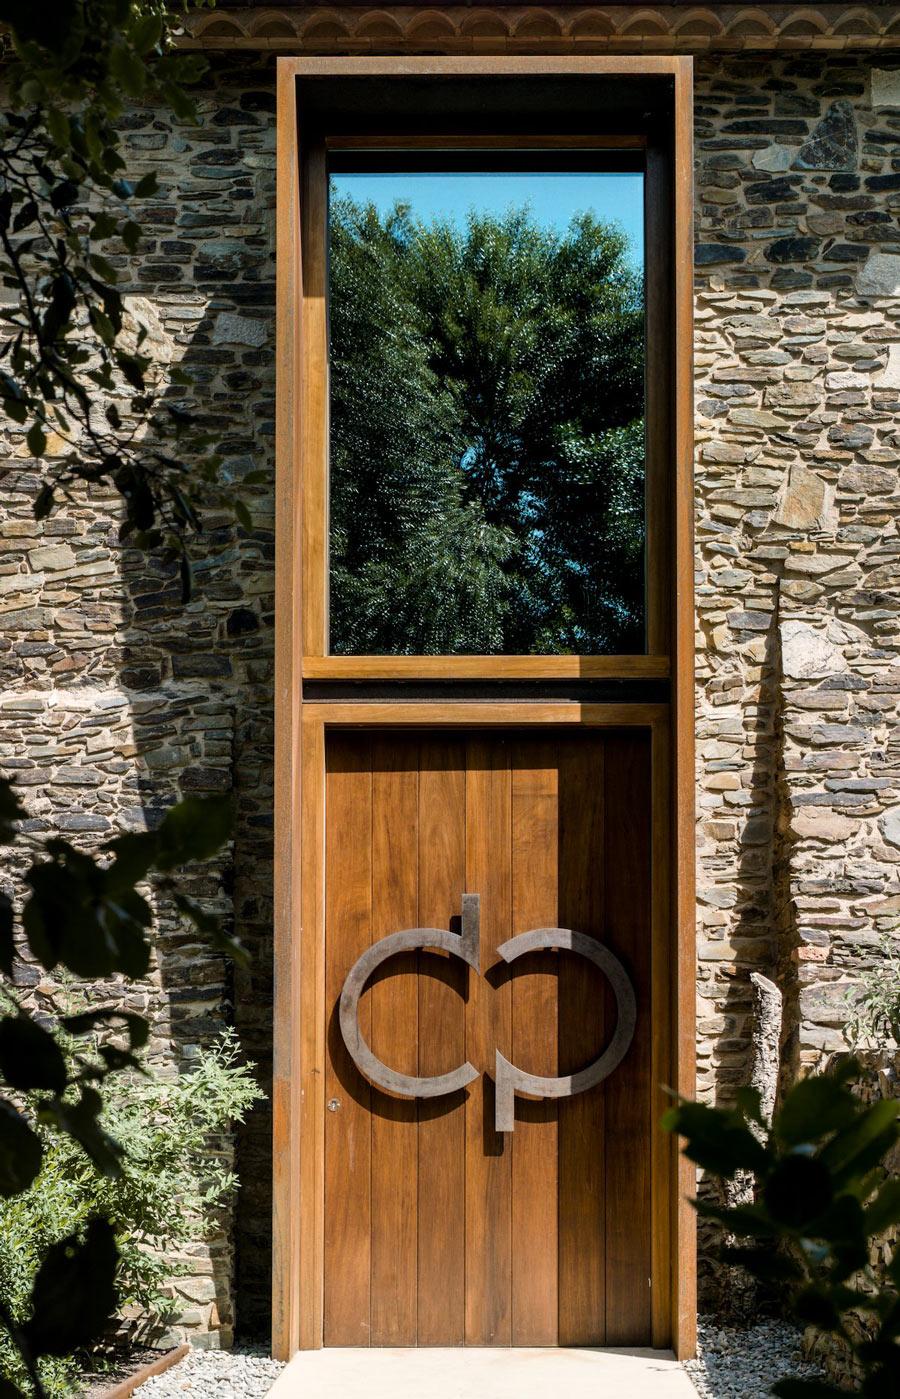 Wooden Front Door, Entrance, Catalan Farmhouse, Girona, Spain